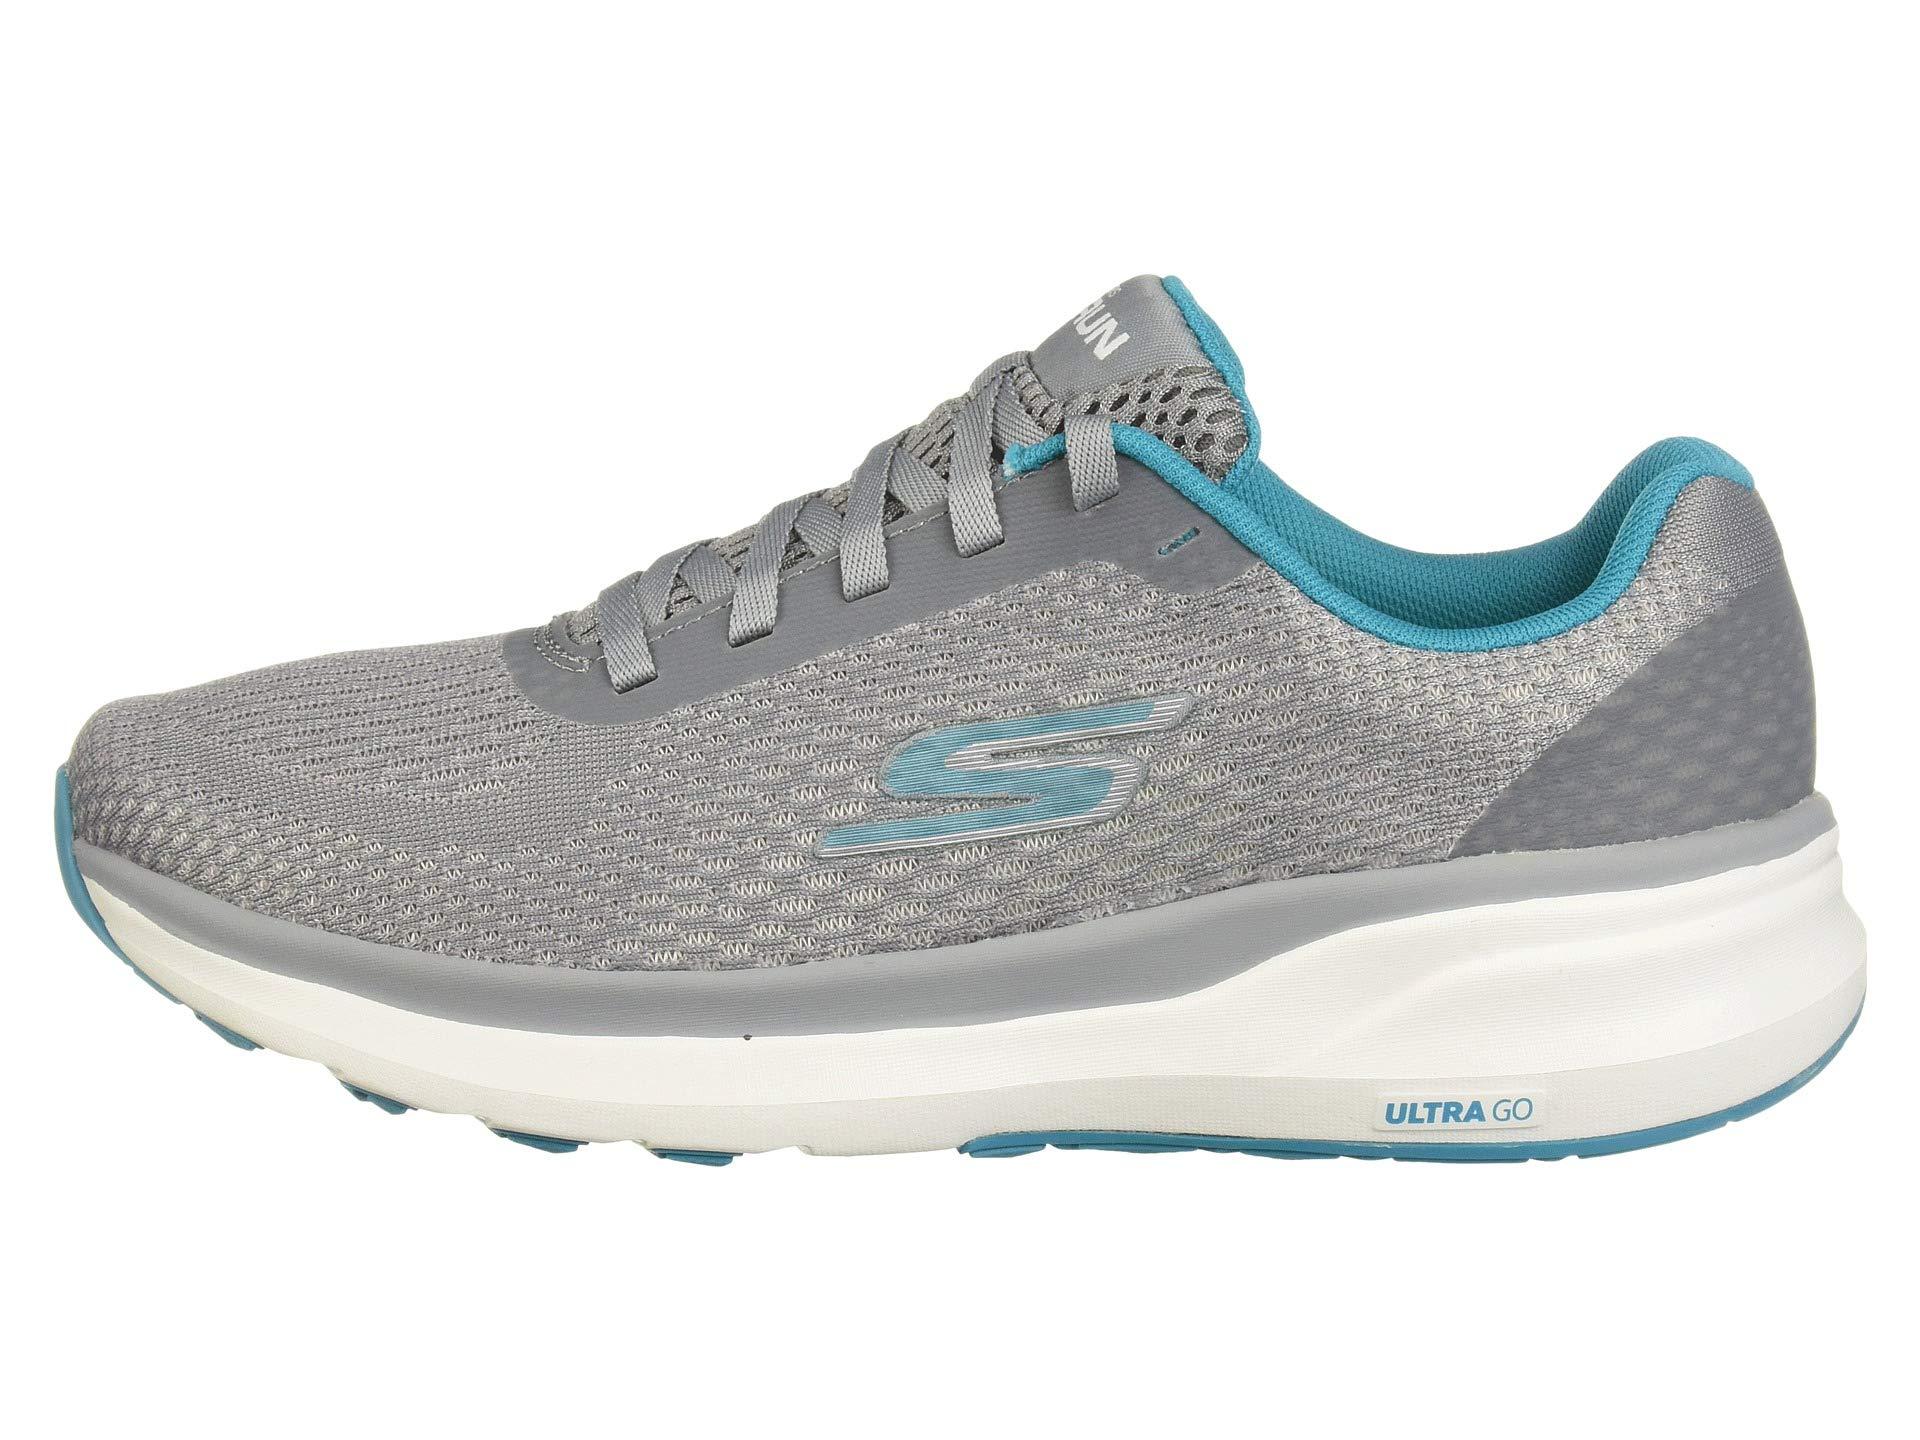 Skechers Gray Skechers Gray turquoise turquoise Pure Pure Skechers Pure Gray Pure Skechers turquoise w54IwTx6